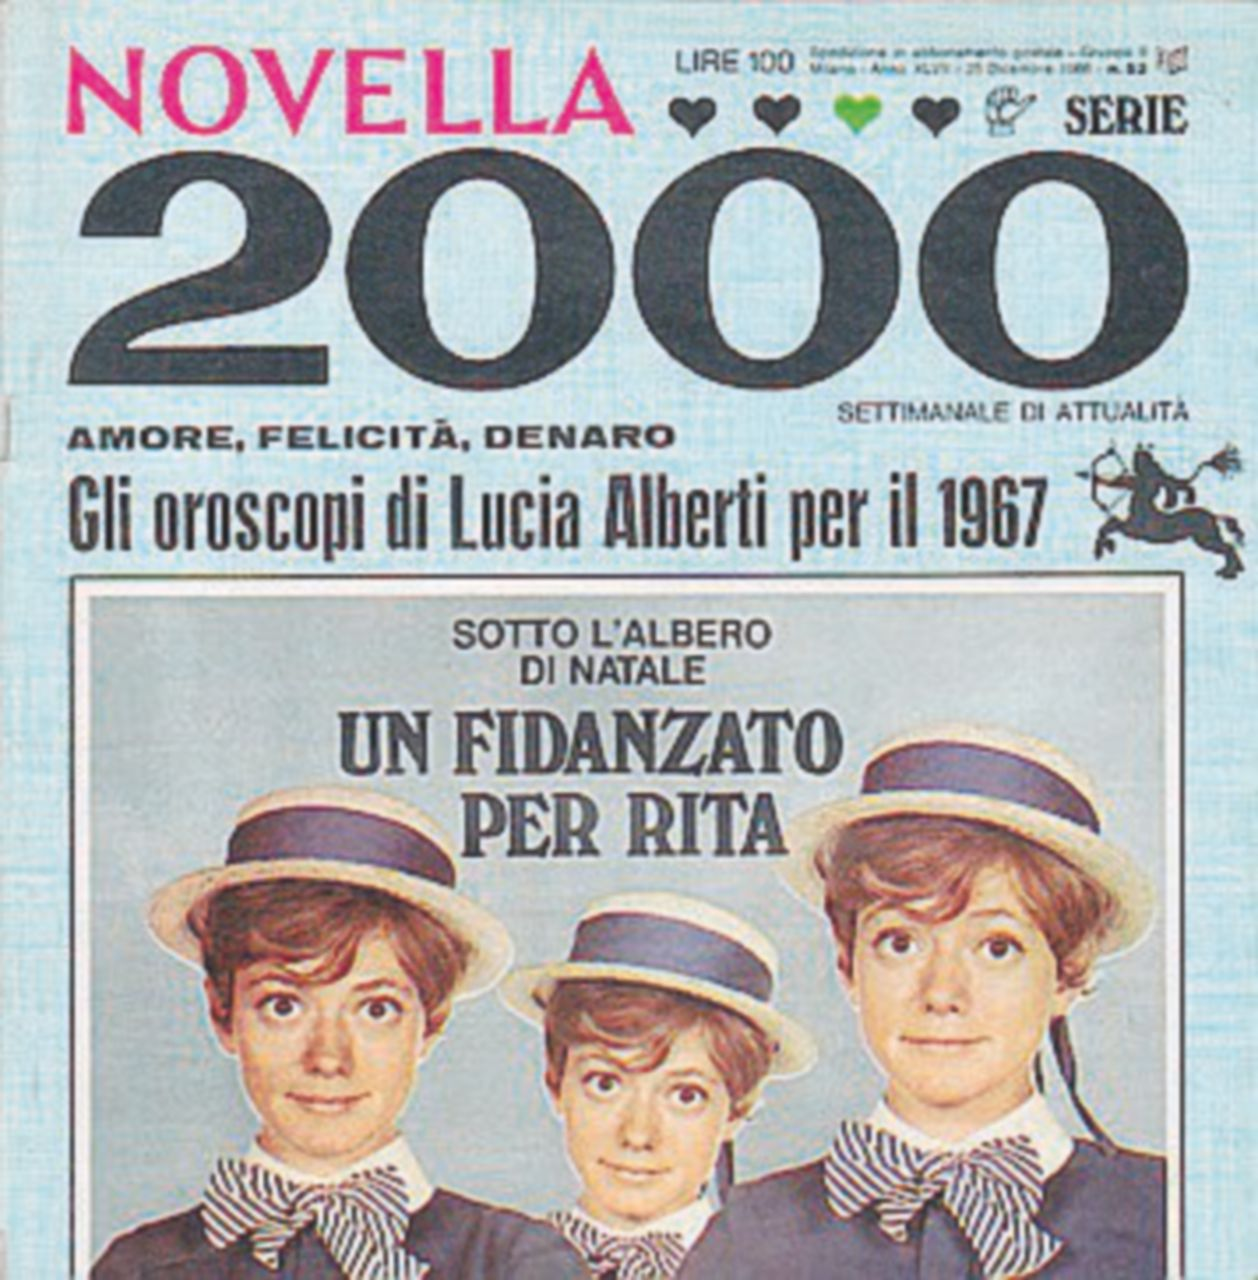 Biagi crea Novella 2000, la Santanché  la distrugge